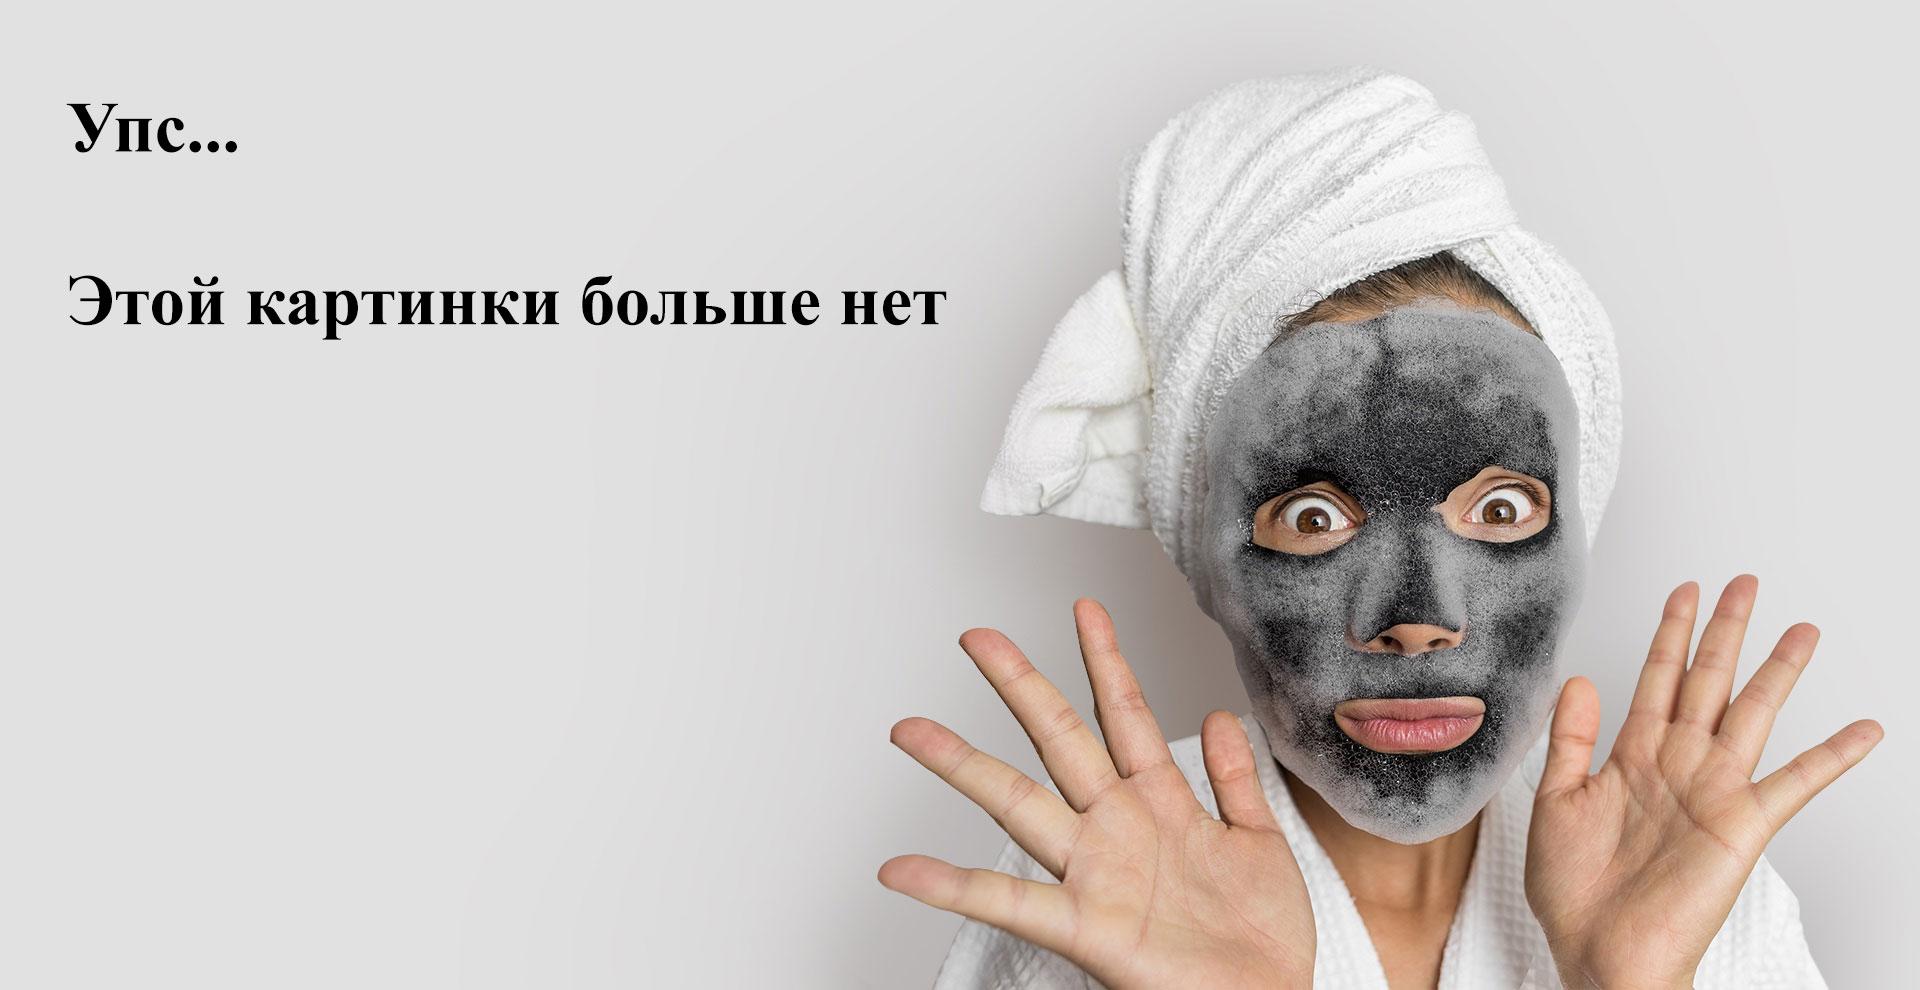 Луи Филипп, Гель-лак Limited, Black